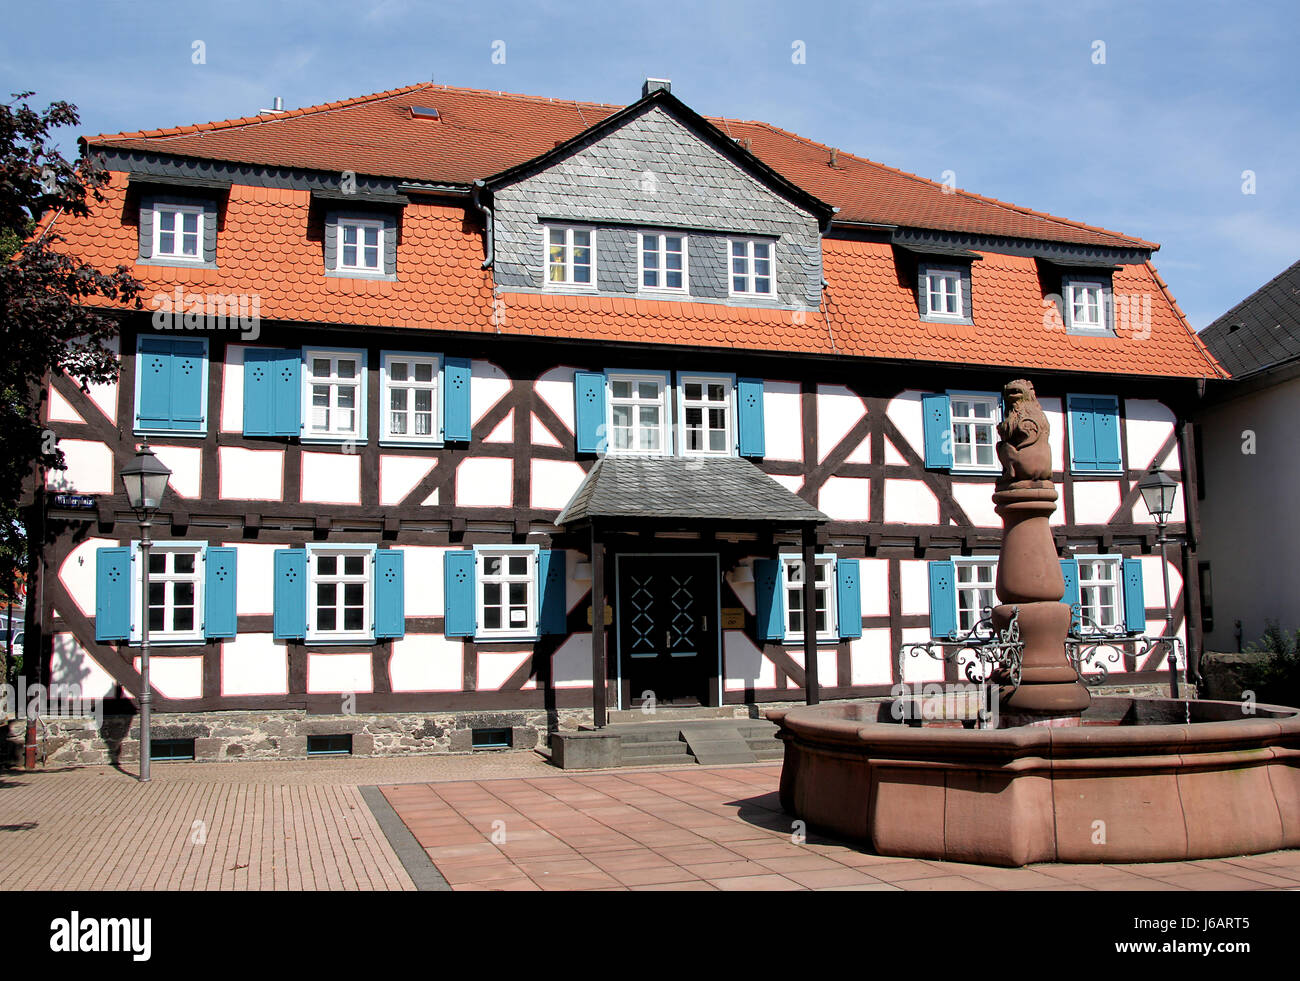 Strahl Rahmenarbeit Bibliothek Dachgaube blau historischen Baum ...